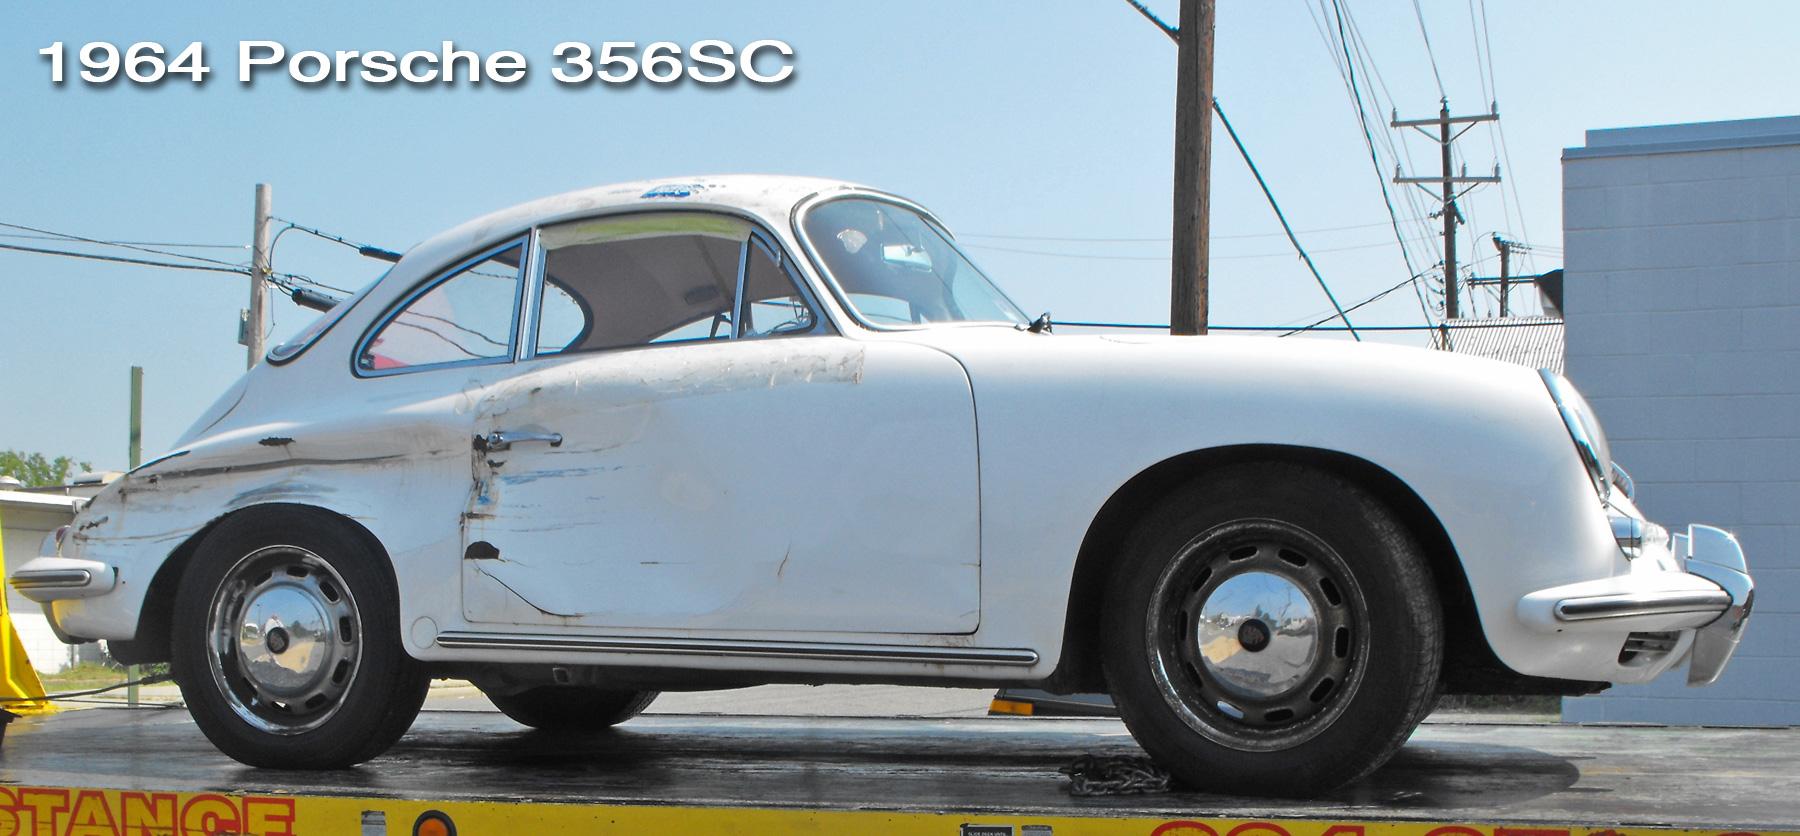 1964 Porsche 356SC restoration header.